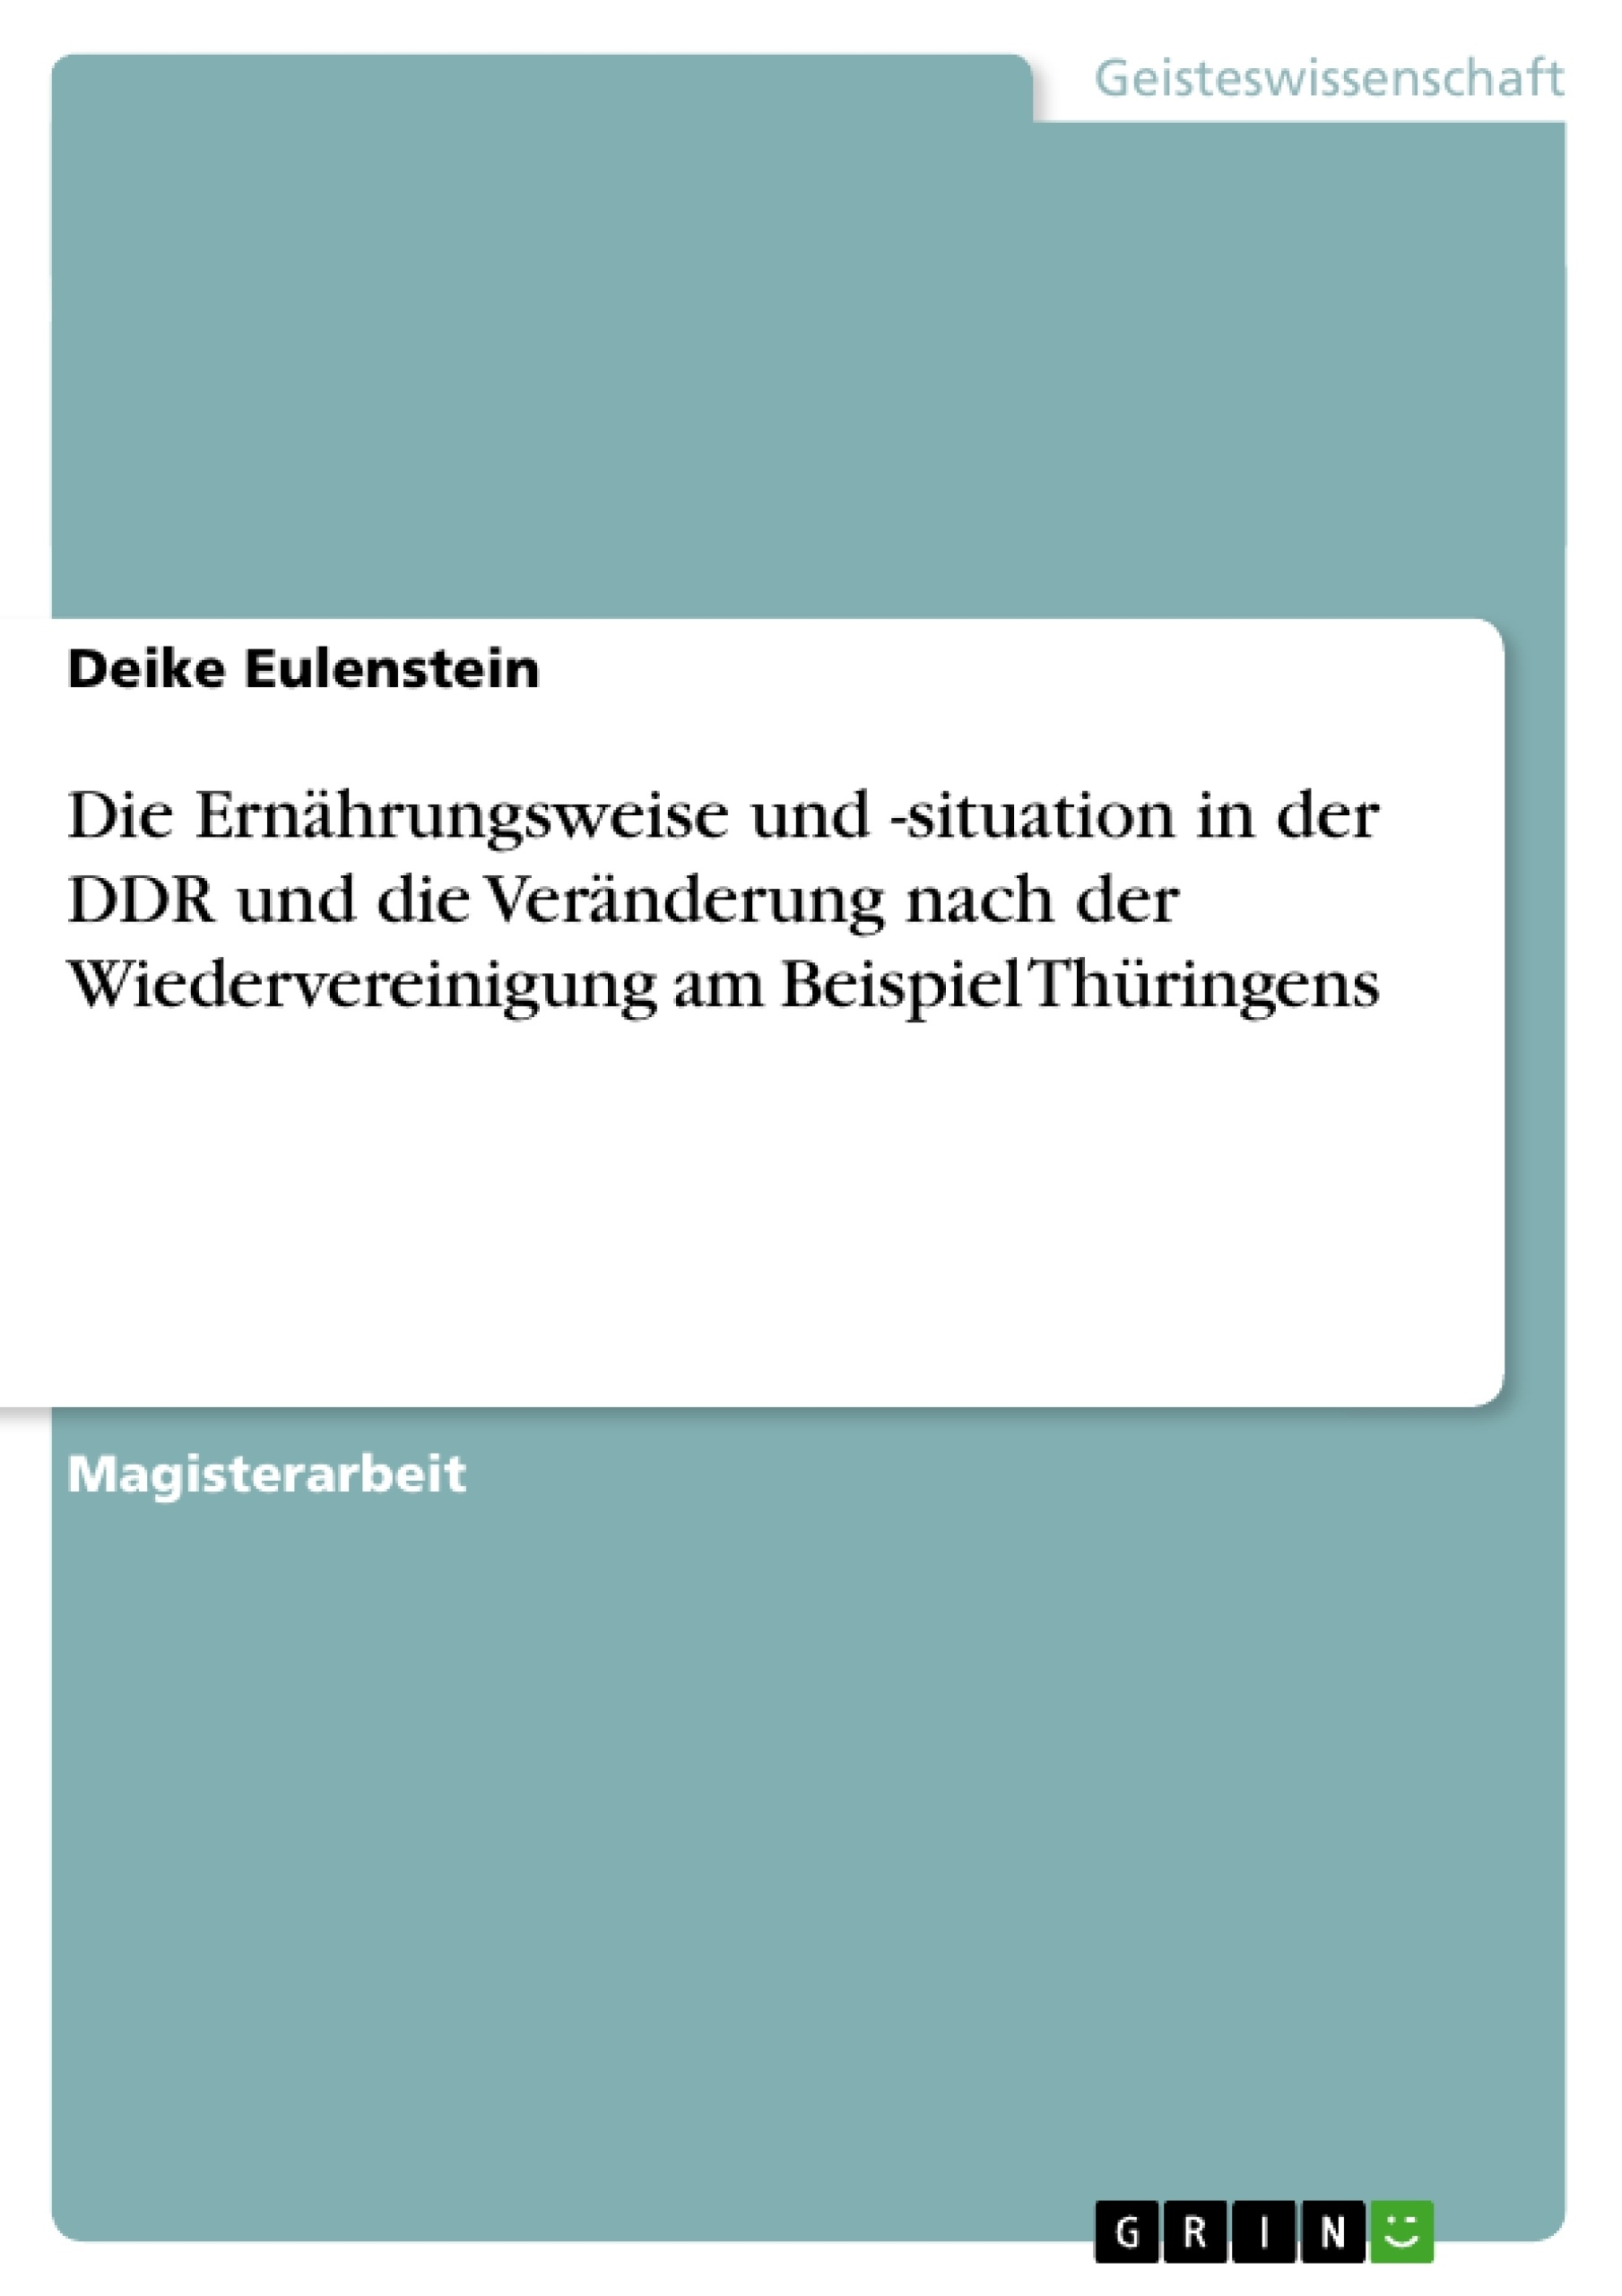 Titel: Die Ernährungsweise und -situation in der DDR und die Veränderung nach der Wiedervereinigung am Beispiel Thüringens